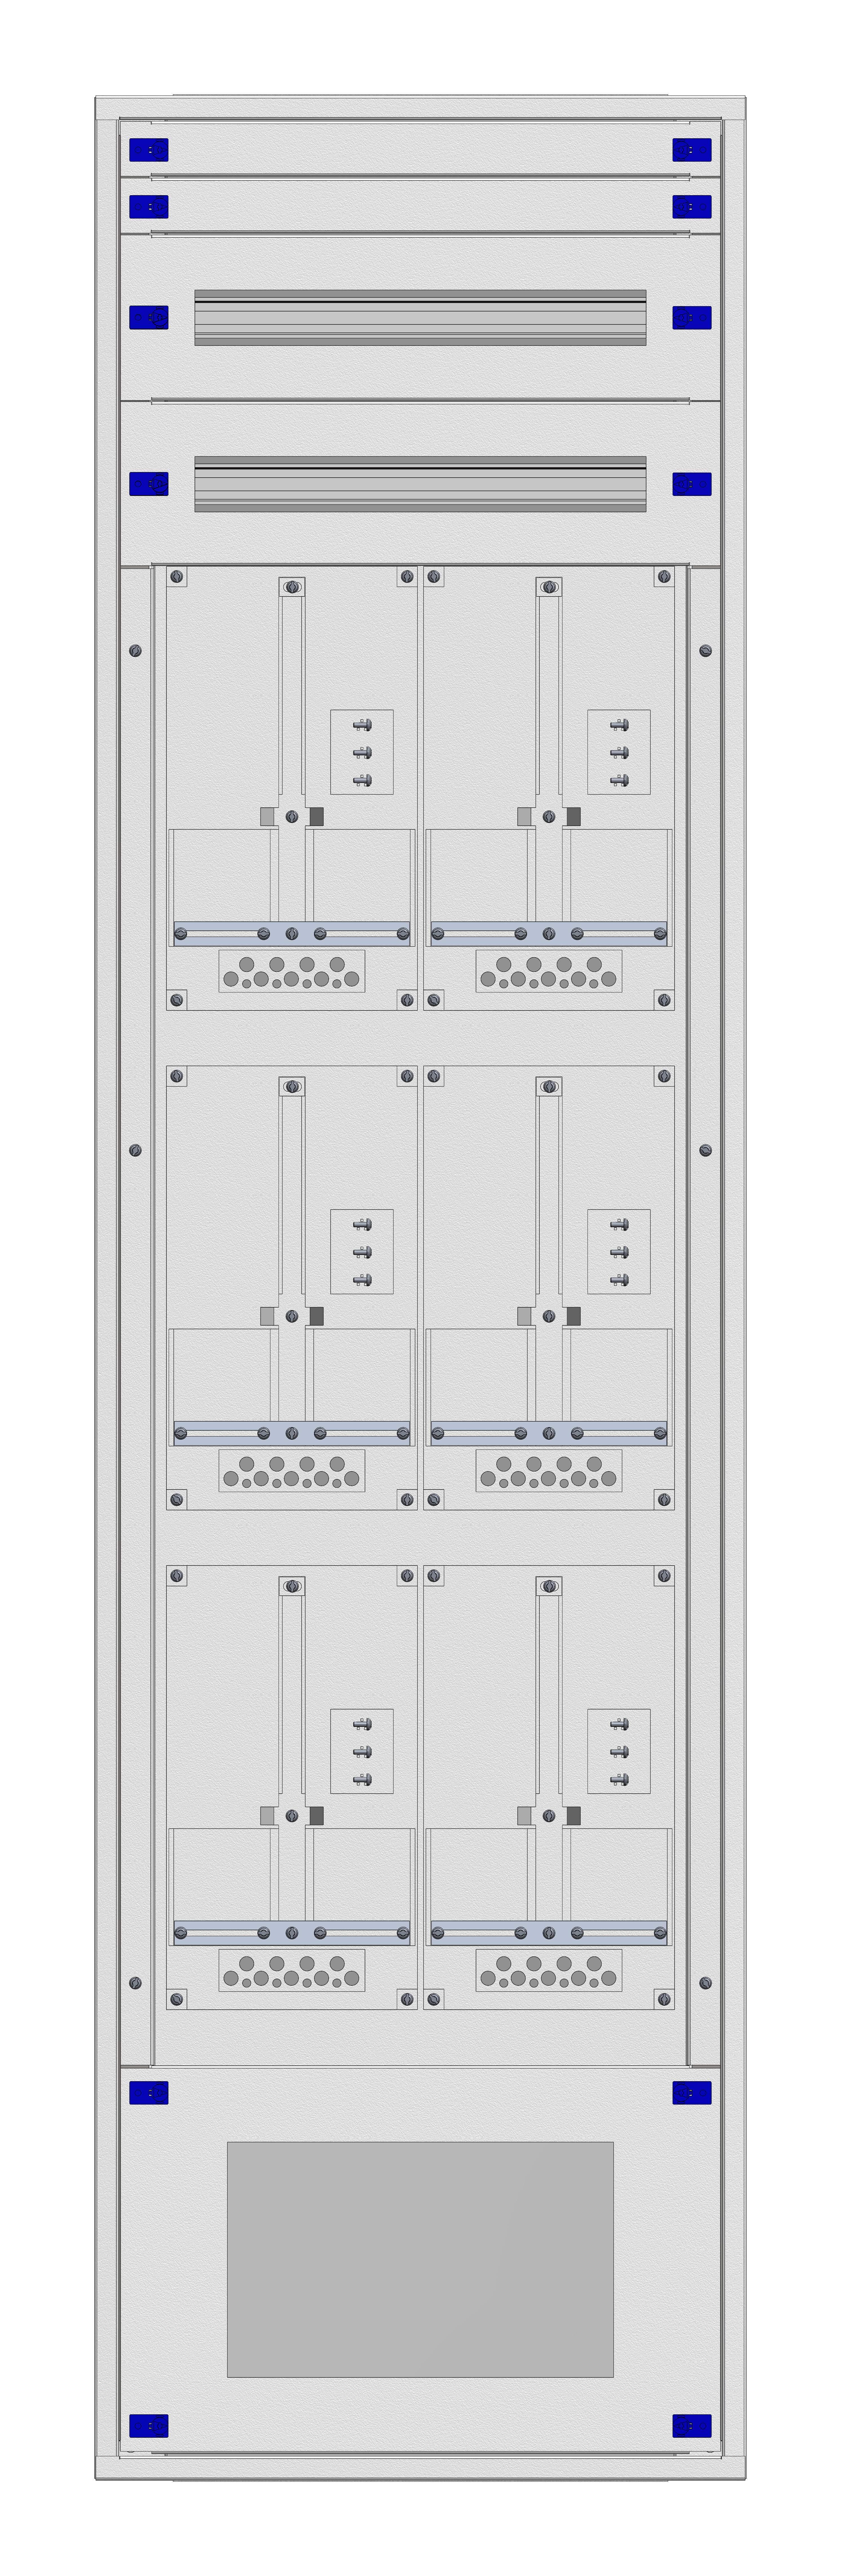 1 Stk Aufputz-Zählerverteiler 2A-42M/VBG 6ZP, H2025B590T250mm IL168242VS